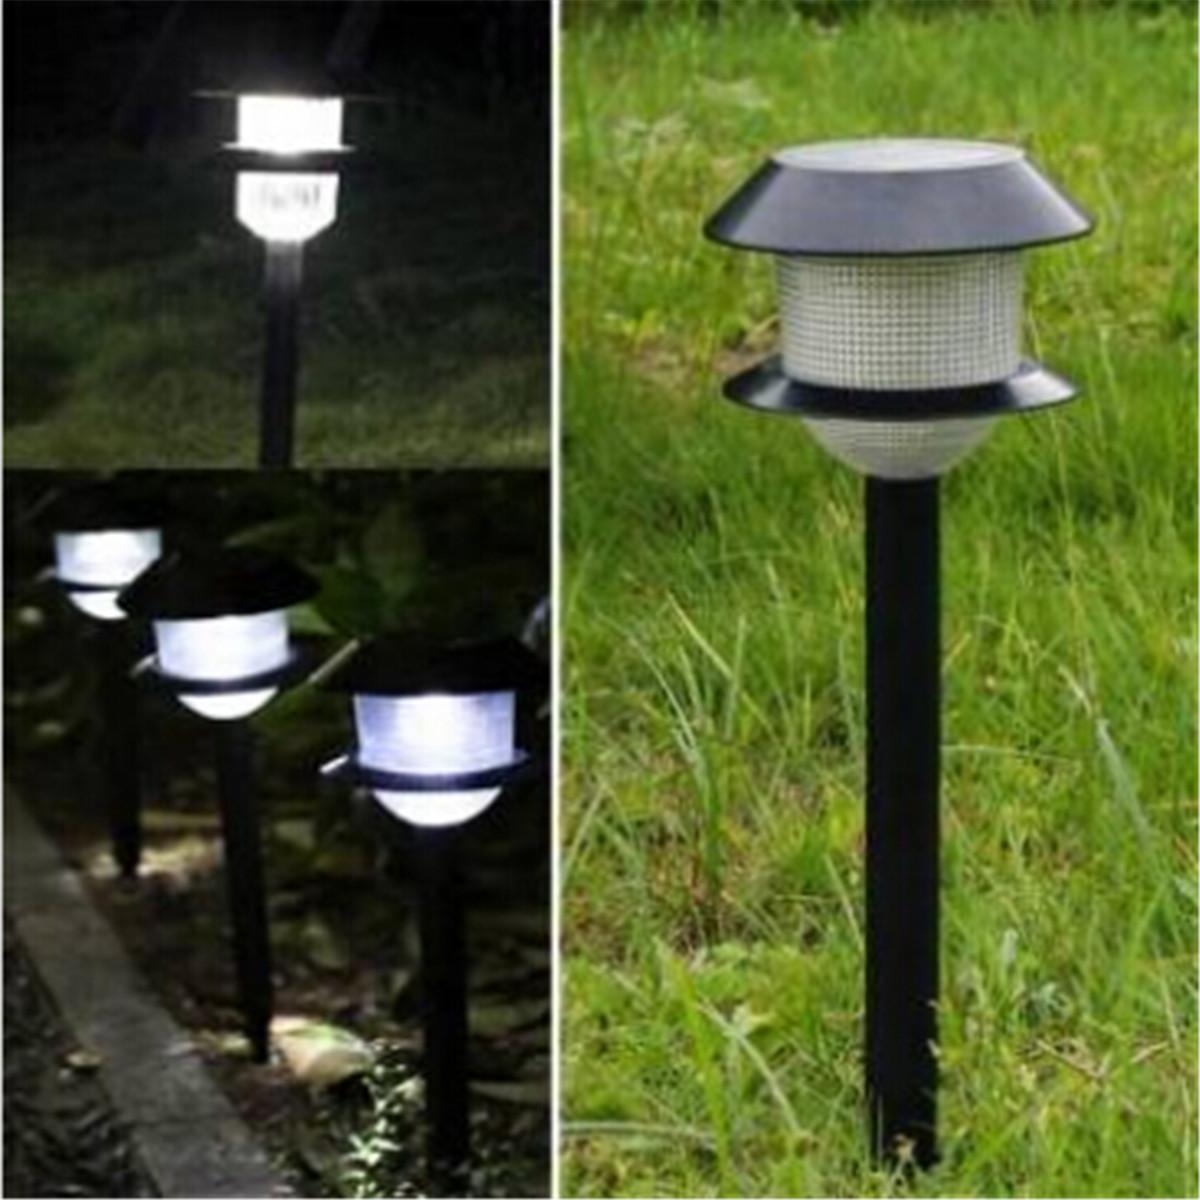 Lampe solaire globe jardin cour pelouse sol clairage for Lampe jardin eclairage exterieur